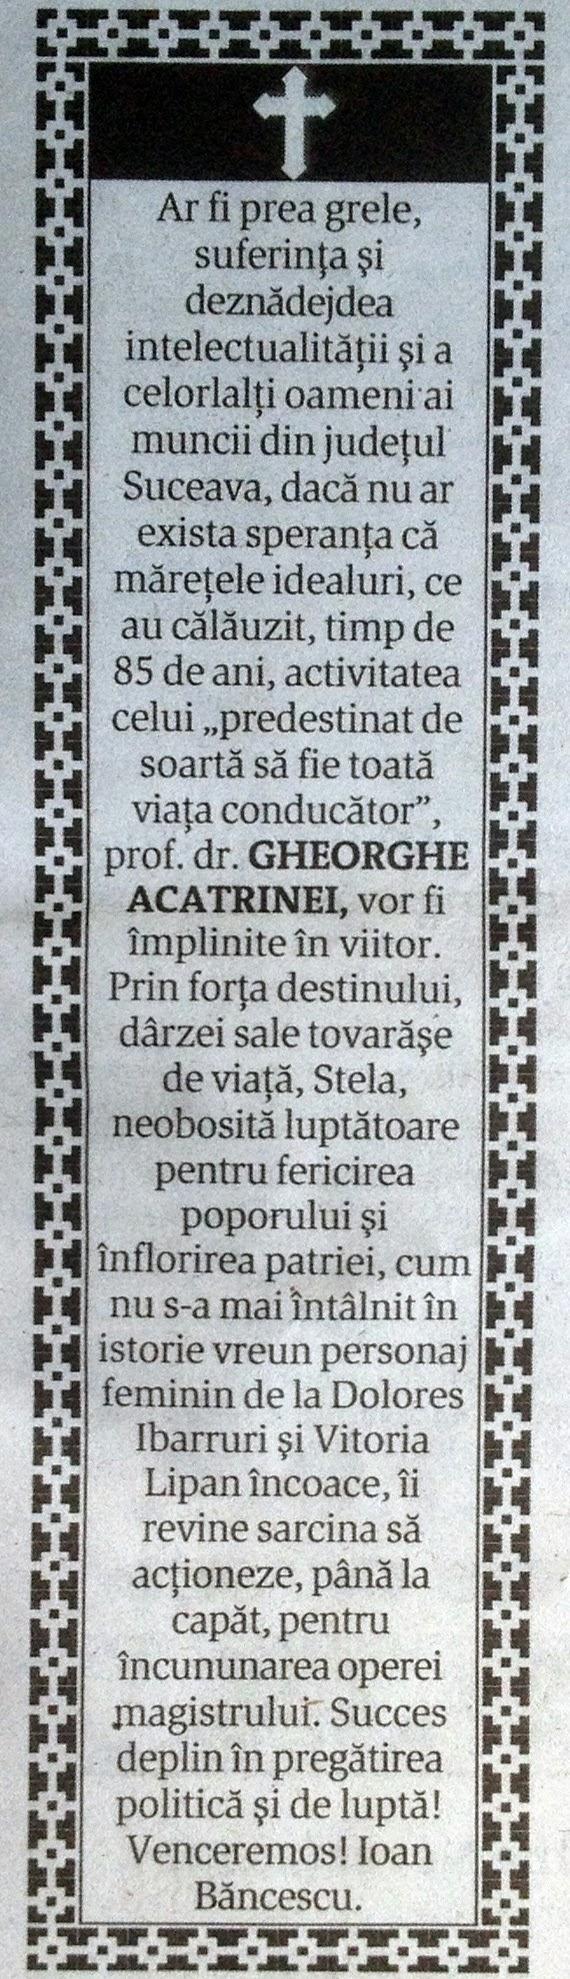 Condoleanţe la băşcălie transmise de fostul prefect Ioan Băncescu la moartea preşedintelui PRM, Gheorghe Acatrinei